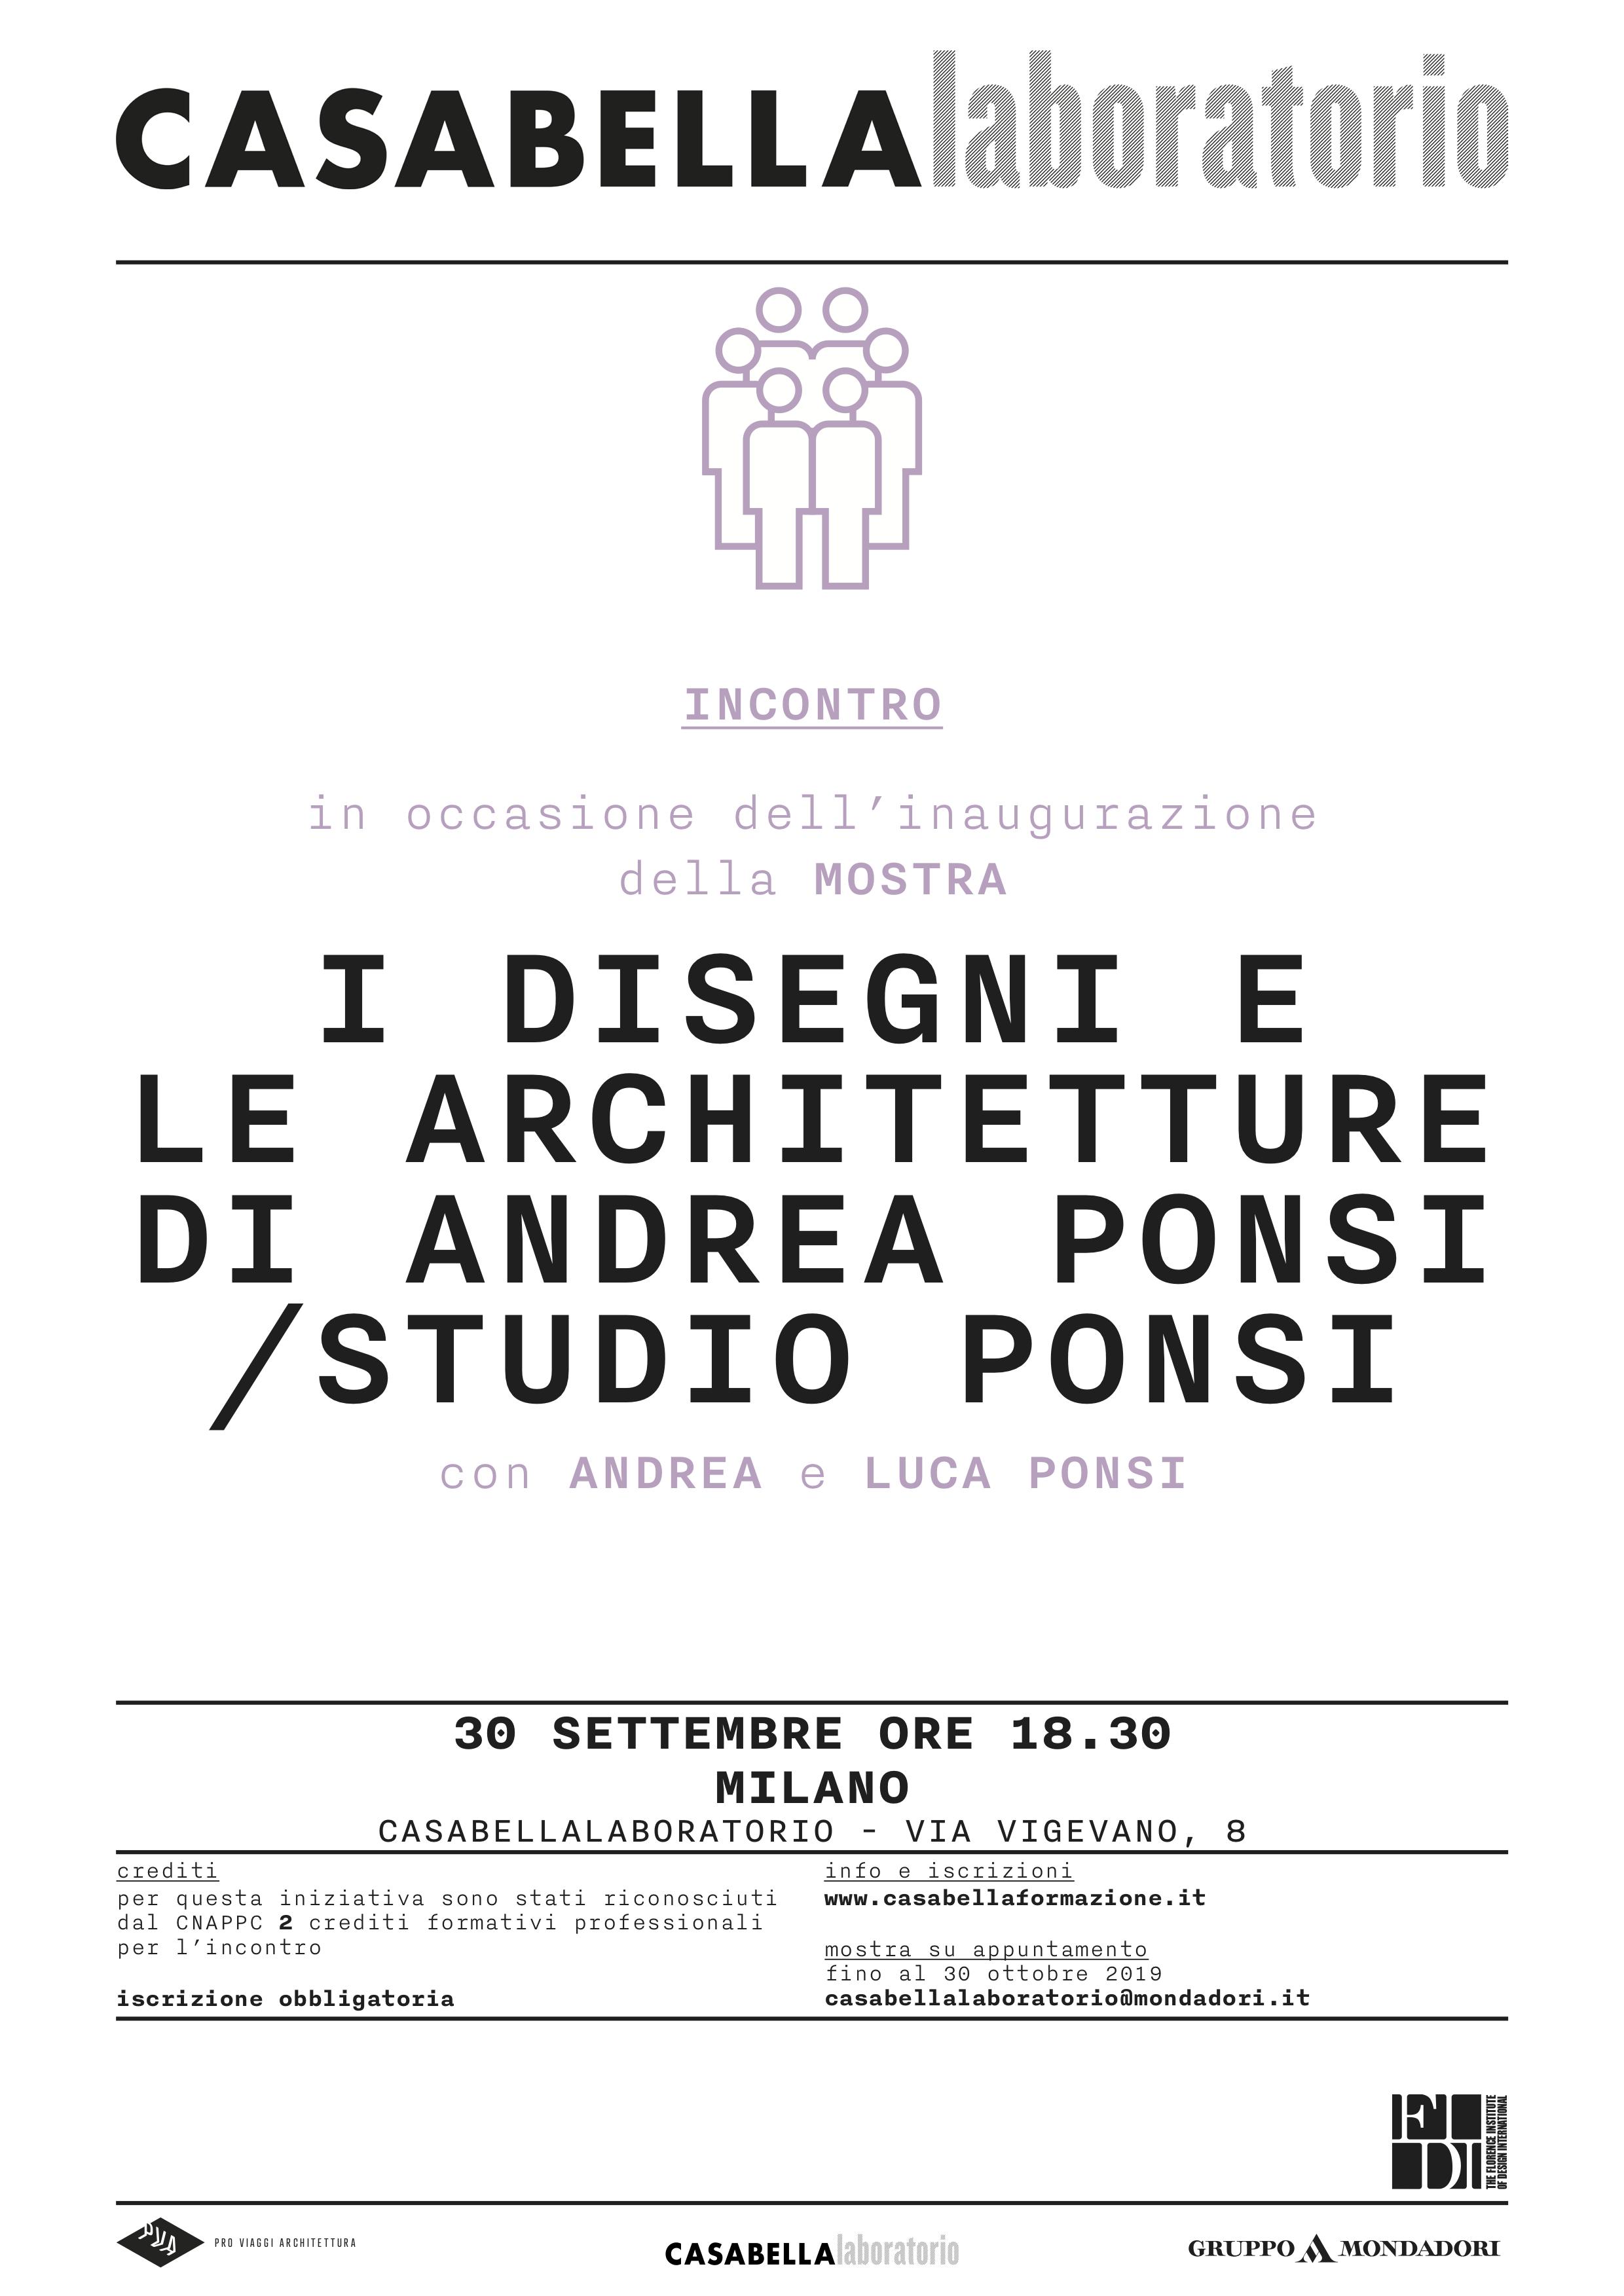 Architetture Studio Ponsi - Casabella Laboratorio